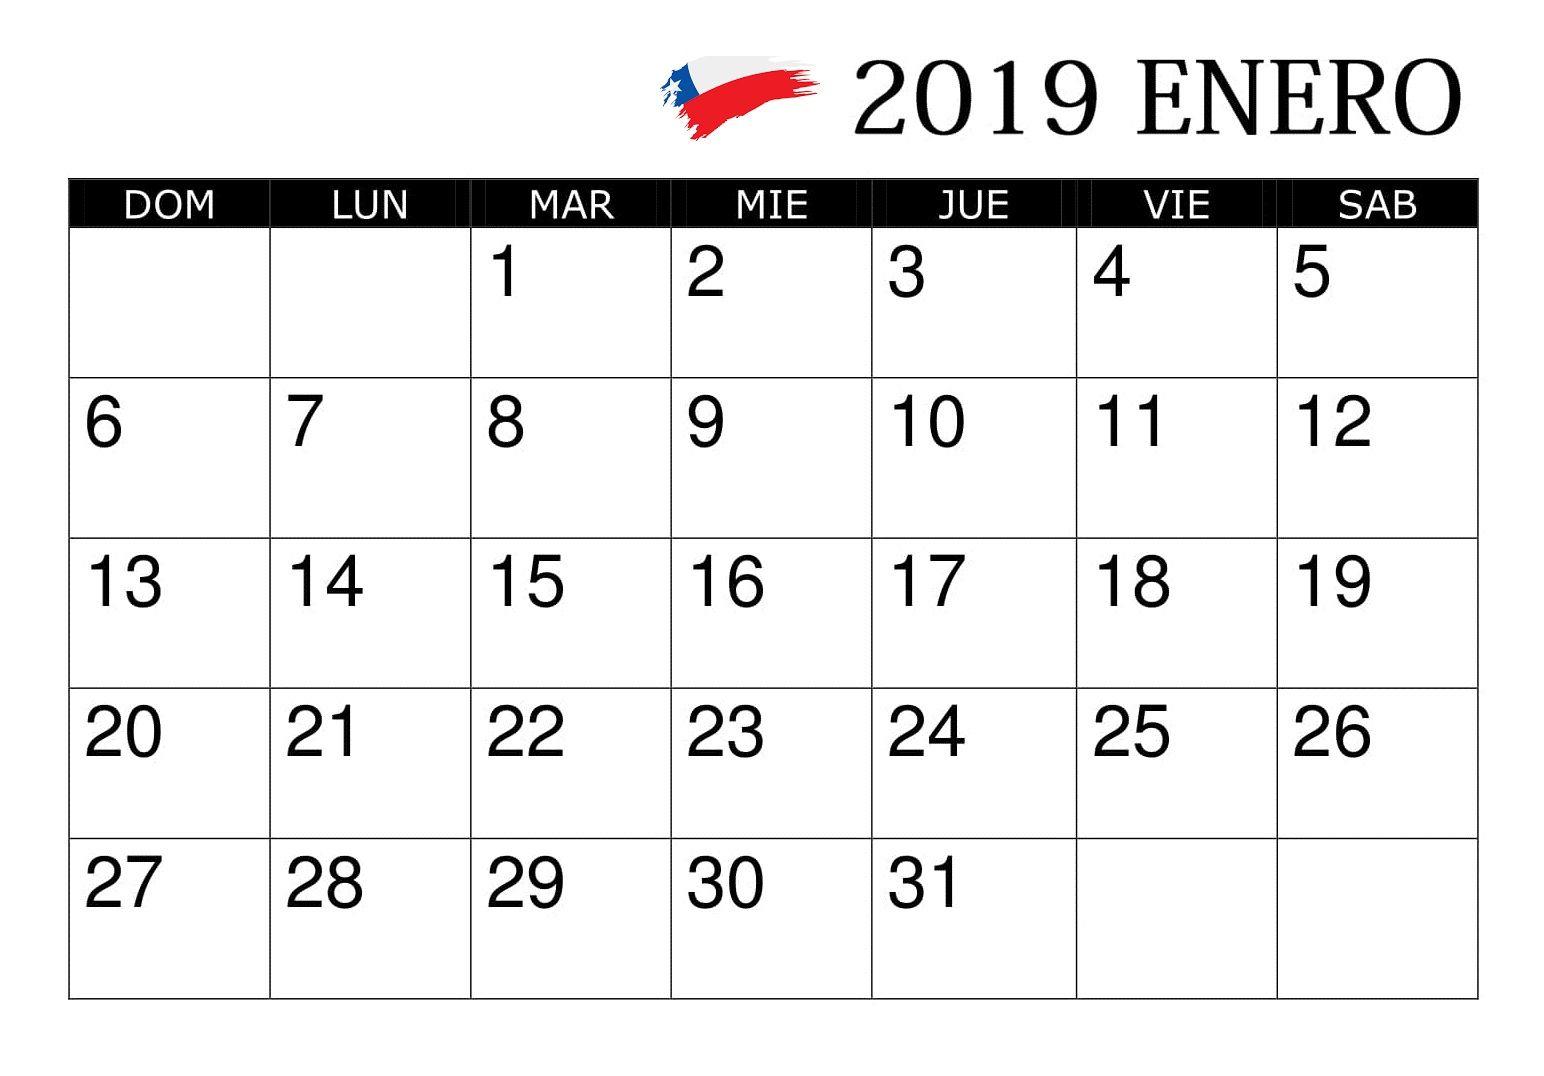 Calendario Serie A 2020 10.Calendario Enero 2019 Chile Calendario Enero 2019 Chile